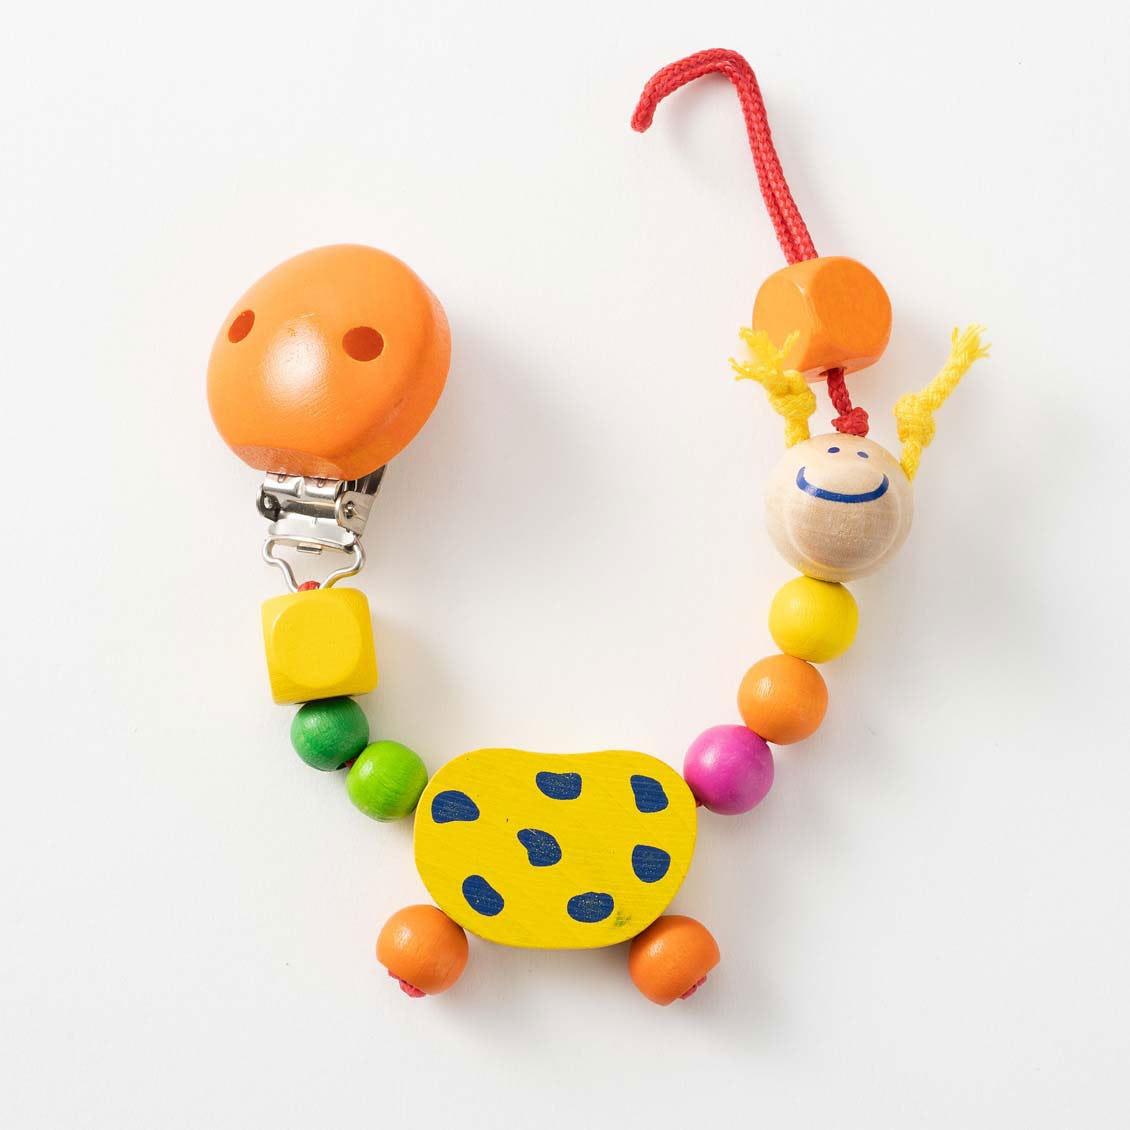 ビードクリップ・ジラフ|ベビーカー用おもちゃ